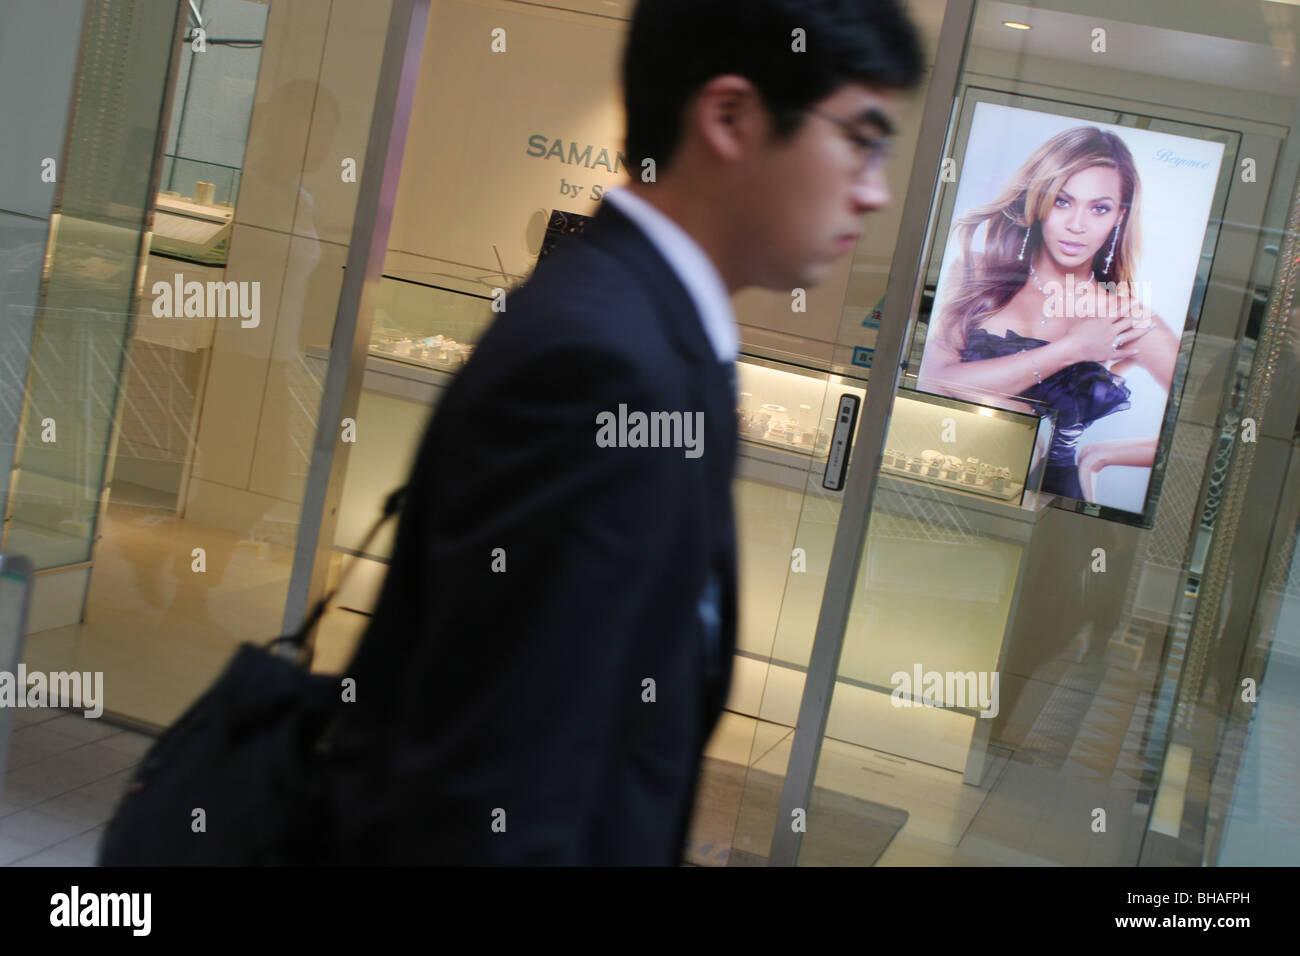 La publicité et la promotion de produits par des célébrités de l'Ouest, à Tokyo, Japon. Photo Stock